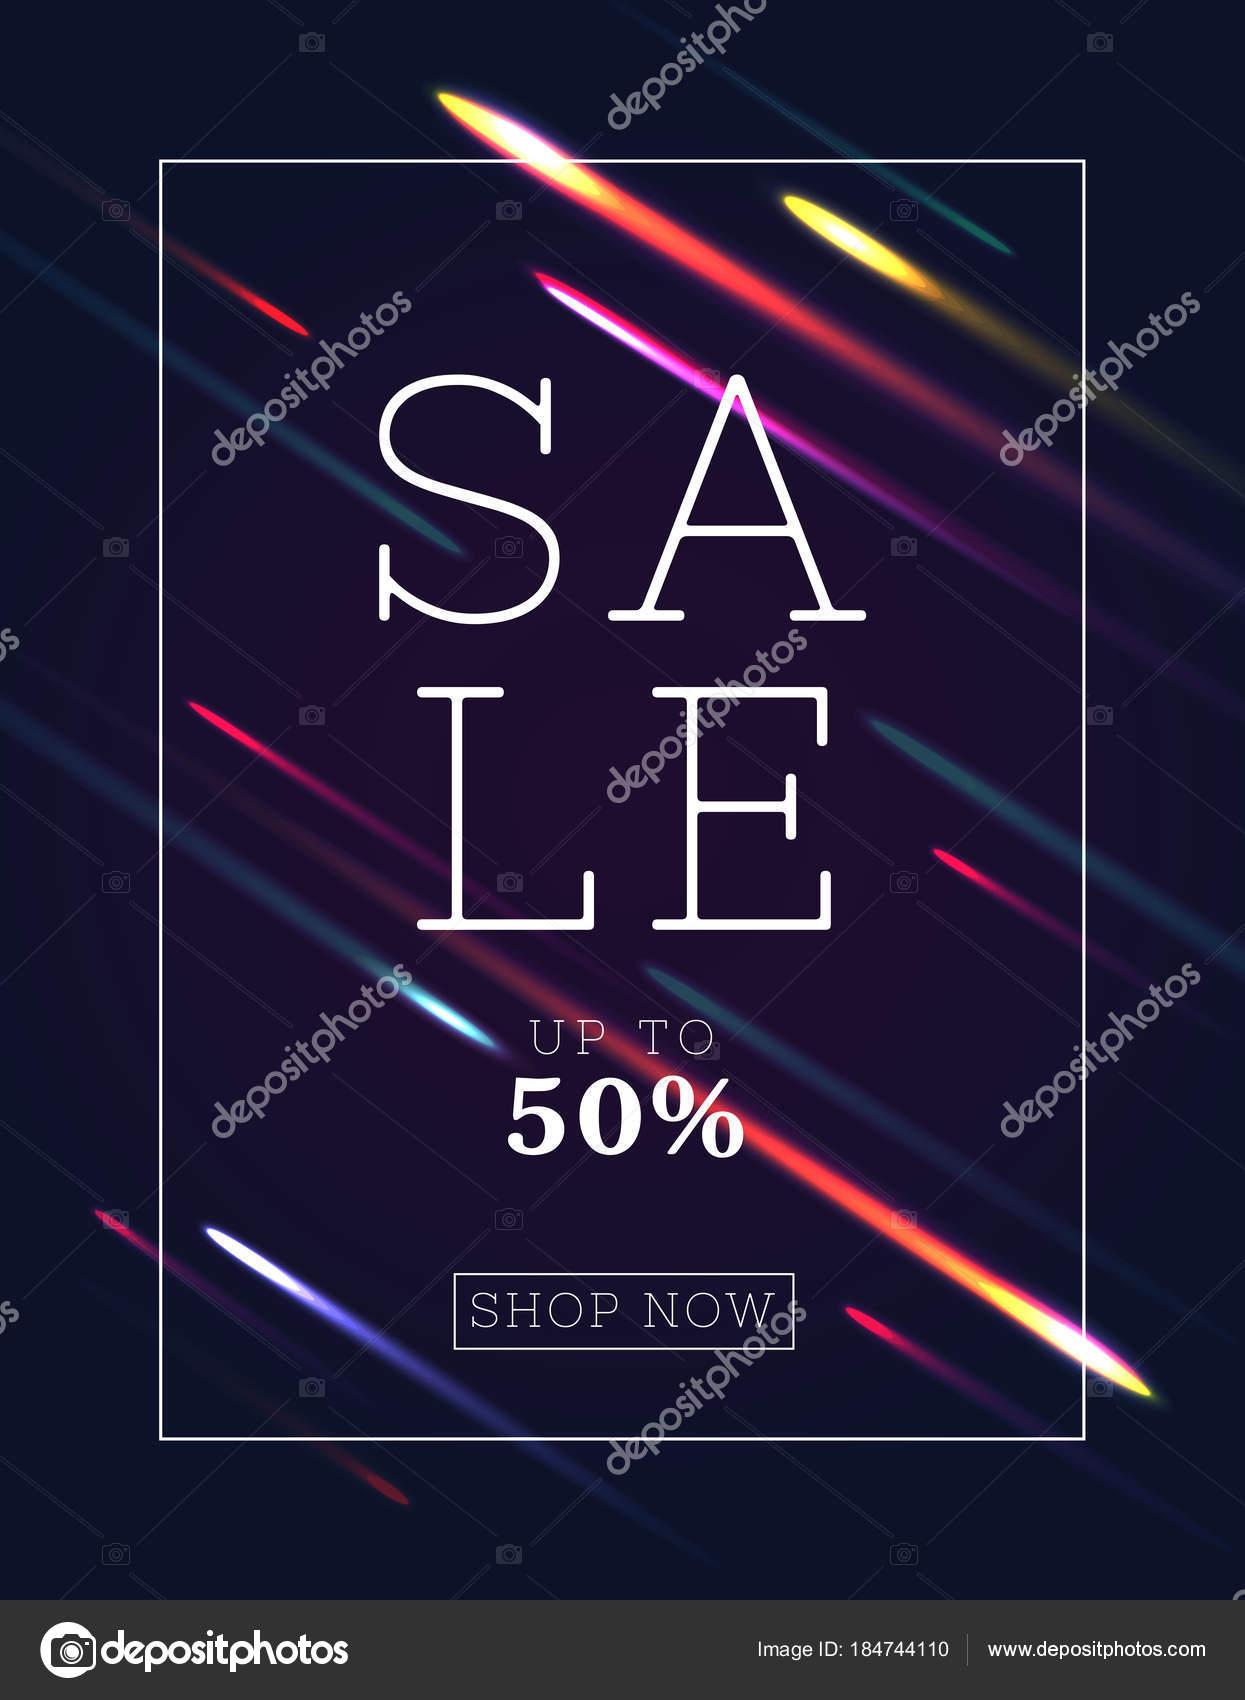 digitale Kunst-Verkauf-Vorlage — Stockvektor © marinaionova #184744110